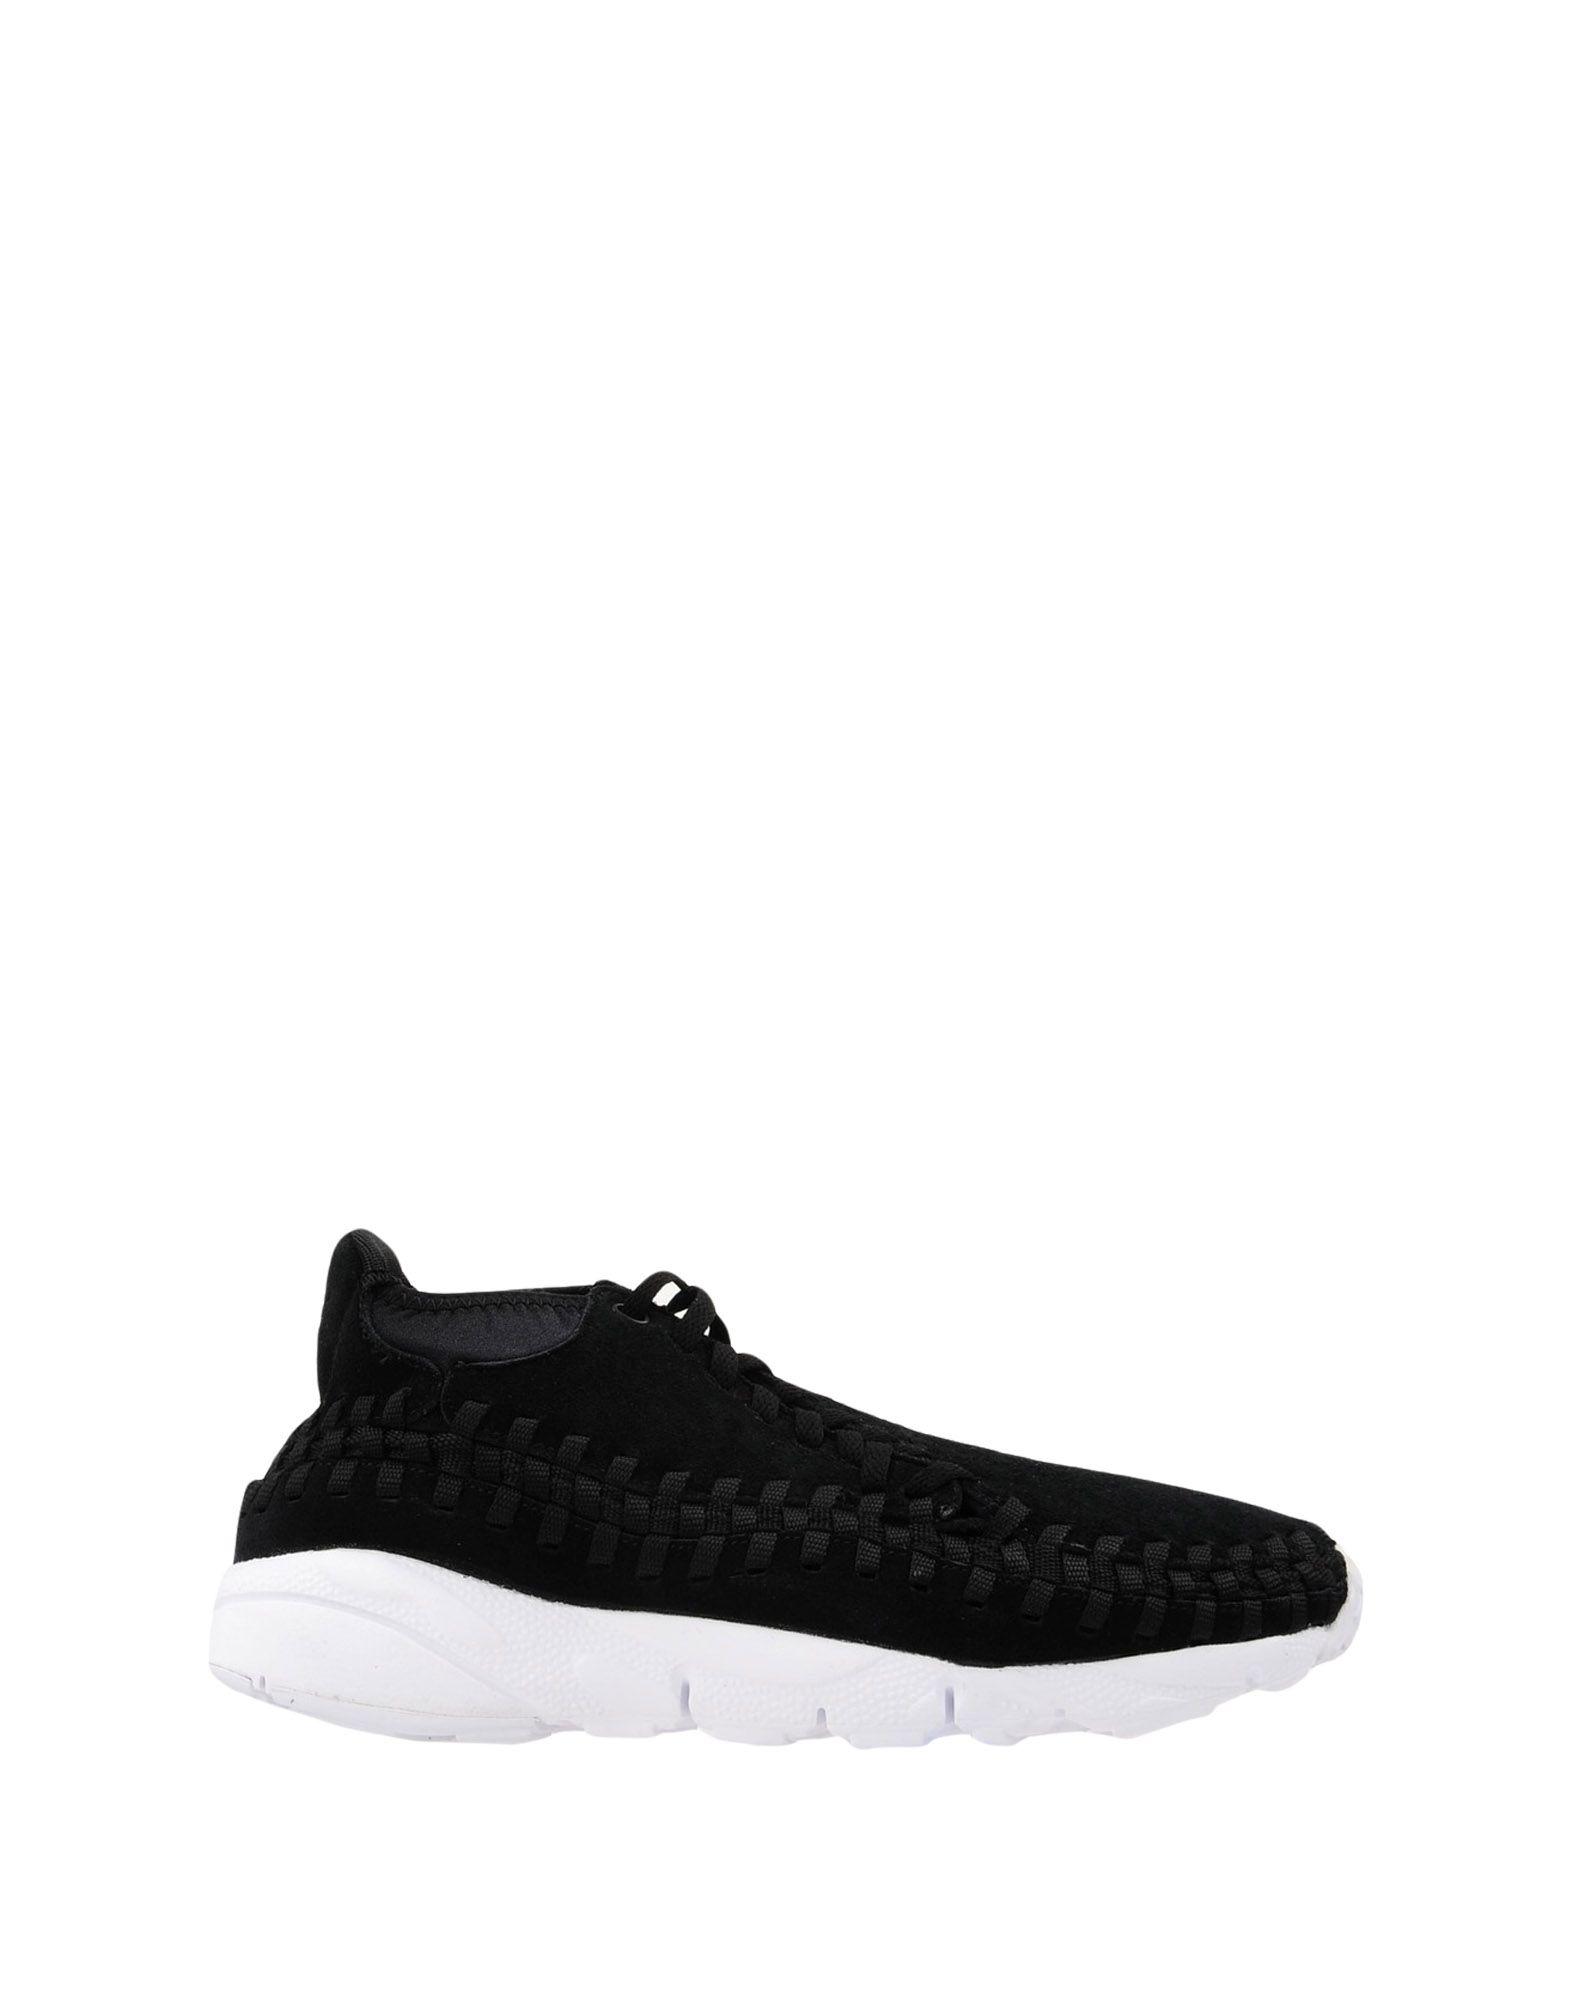 Rabatt echte Footscape Schuhe Nike Air Footscape echte Woven Chukka 11379505LO 82d97b